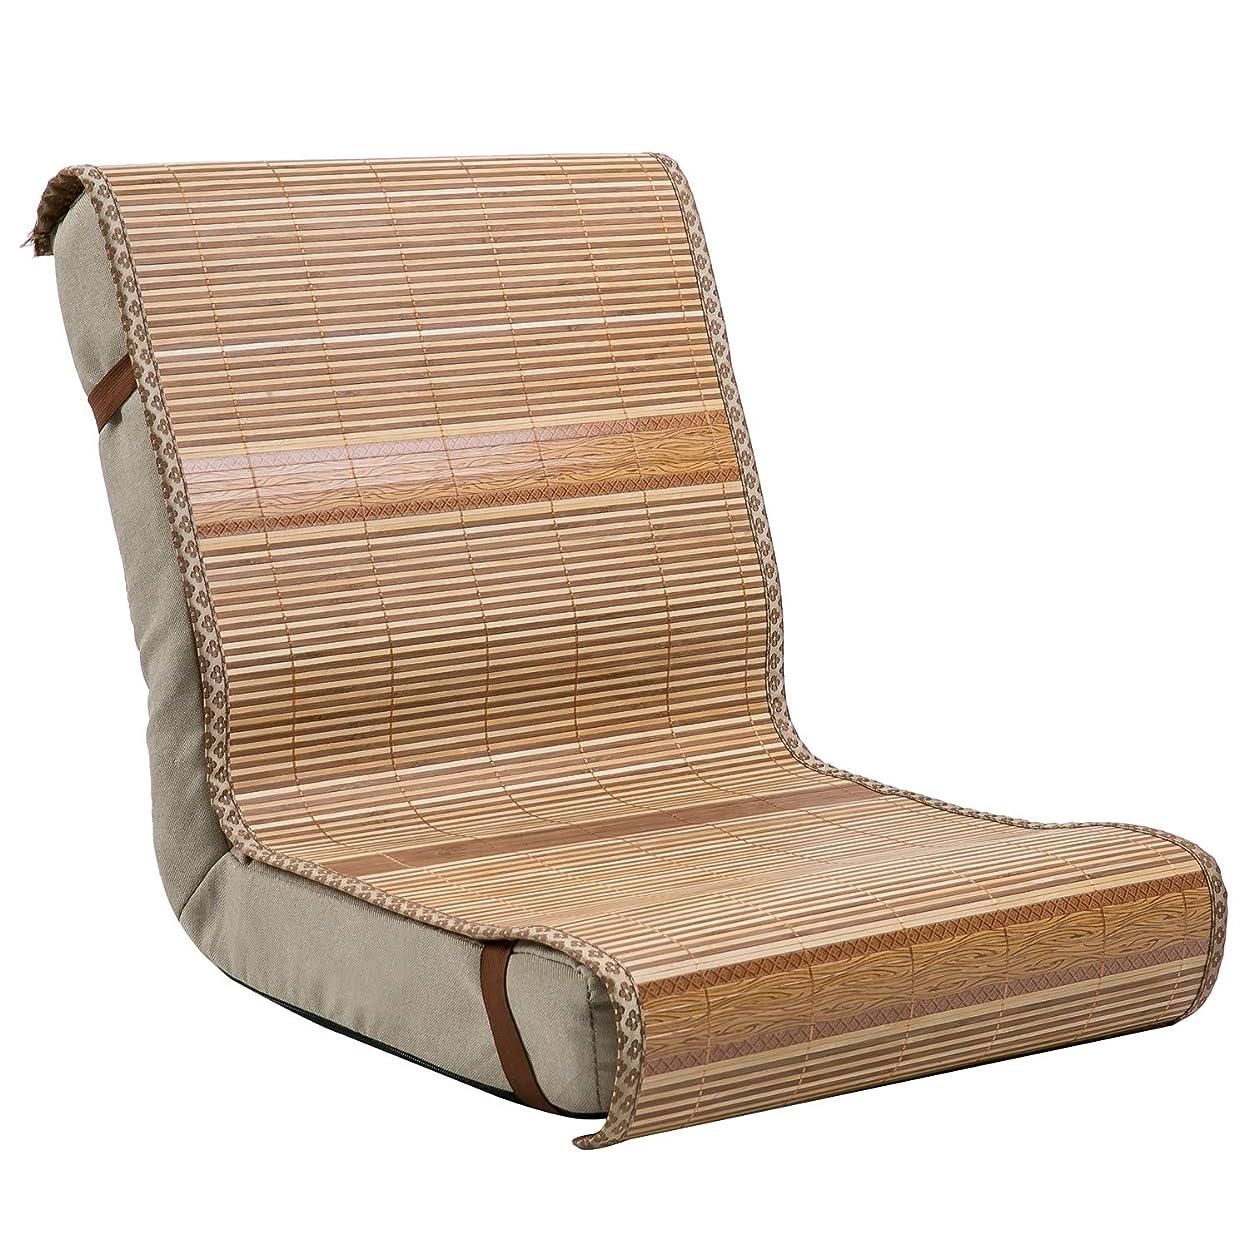 増幅する世界記録のギネスブック最も遠い座椅子 竹ひんやり付き 天然竹 フロアチェア二つ折り式座椅子 おしゃれ座椅子 折り畳み リネン生地(Beige)53AAA